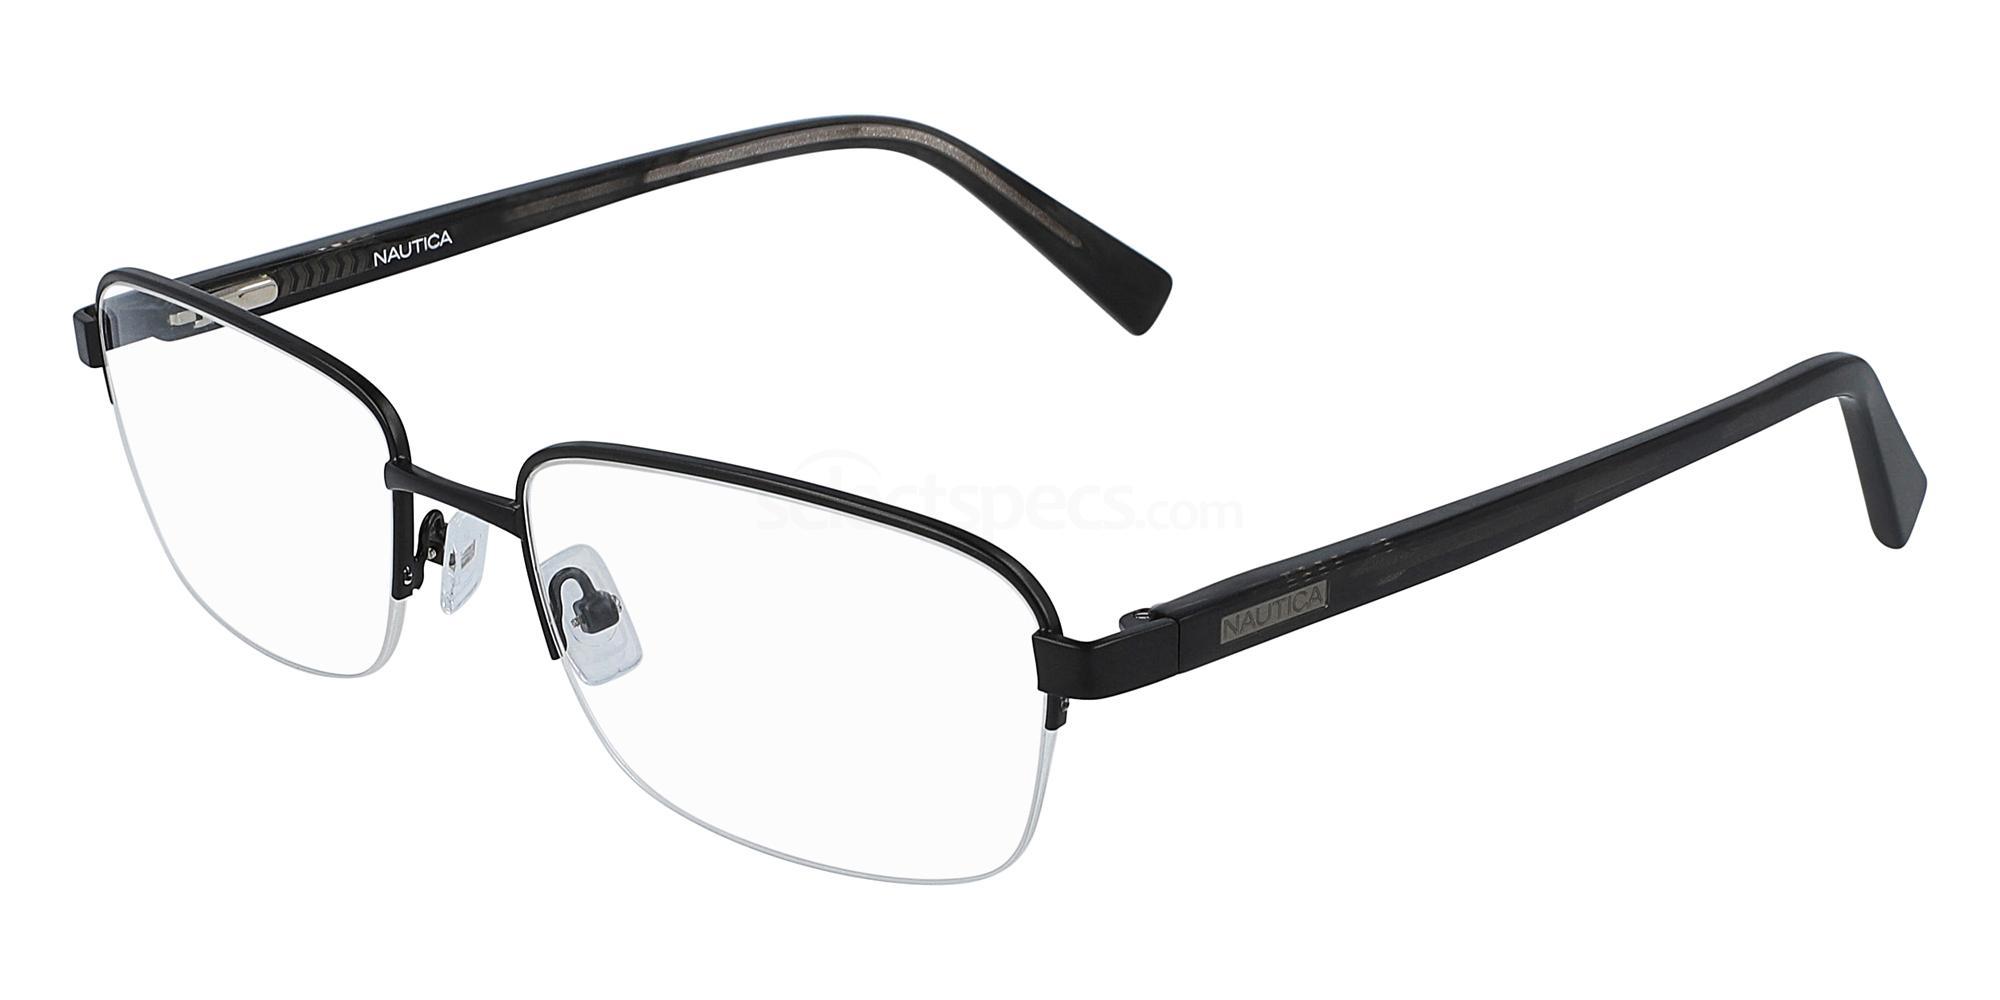 005 N7301 Glasses, Nautica